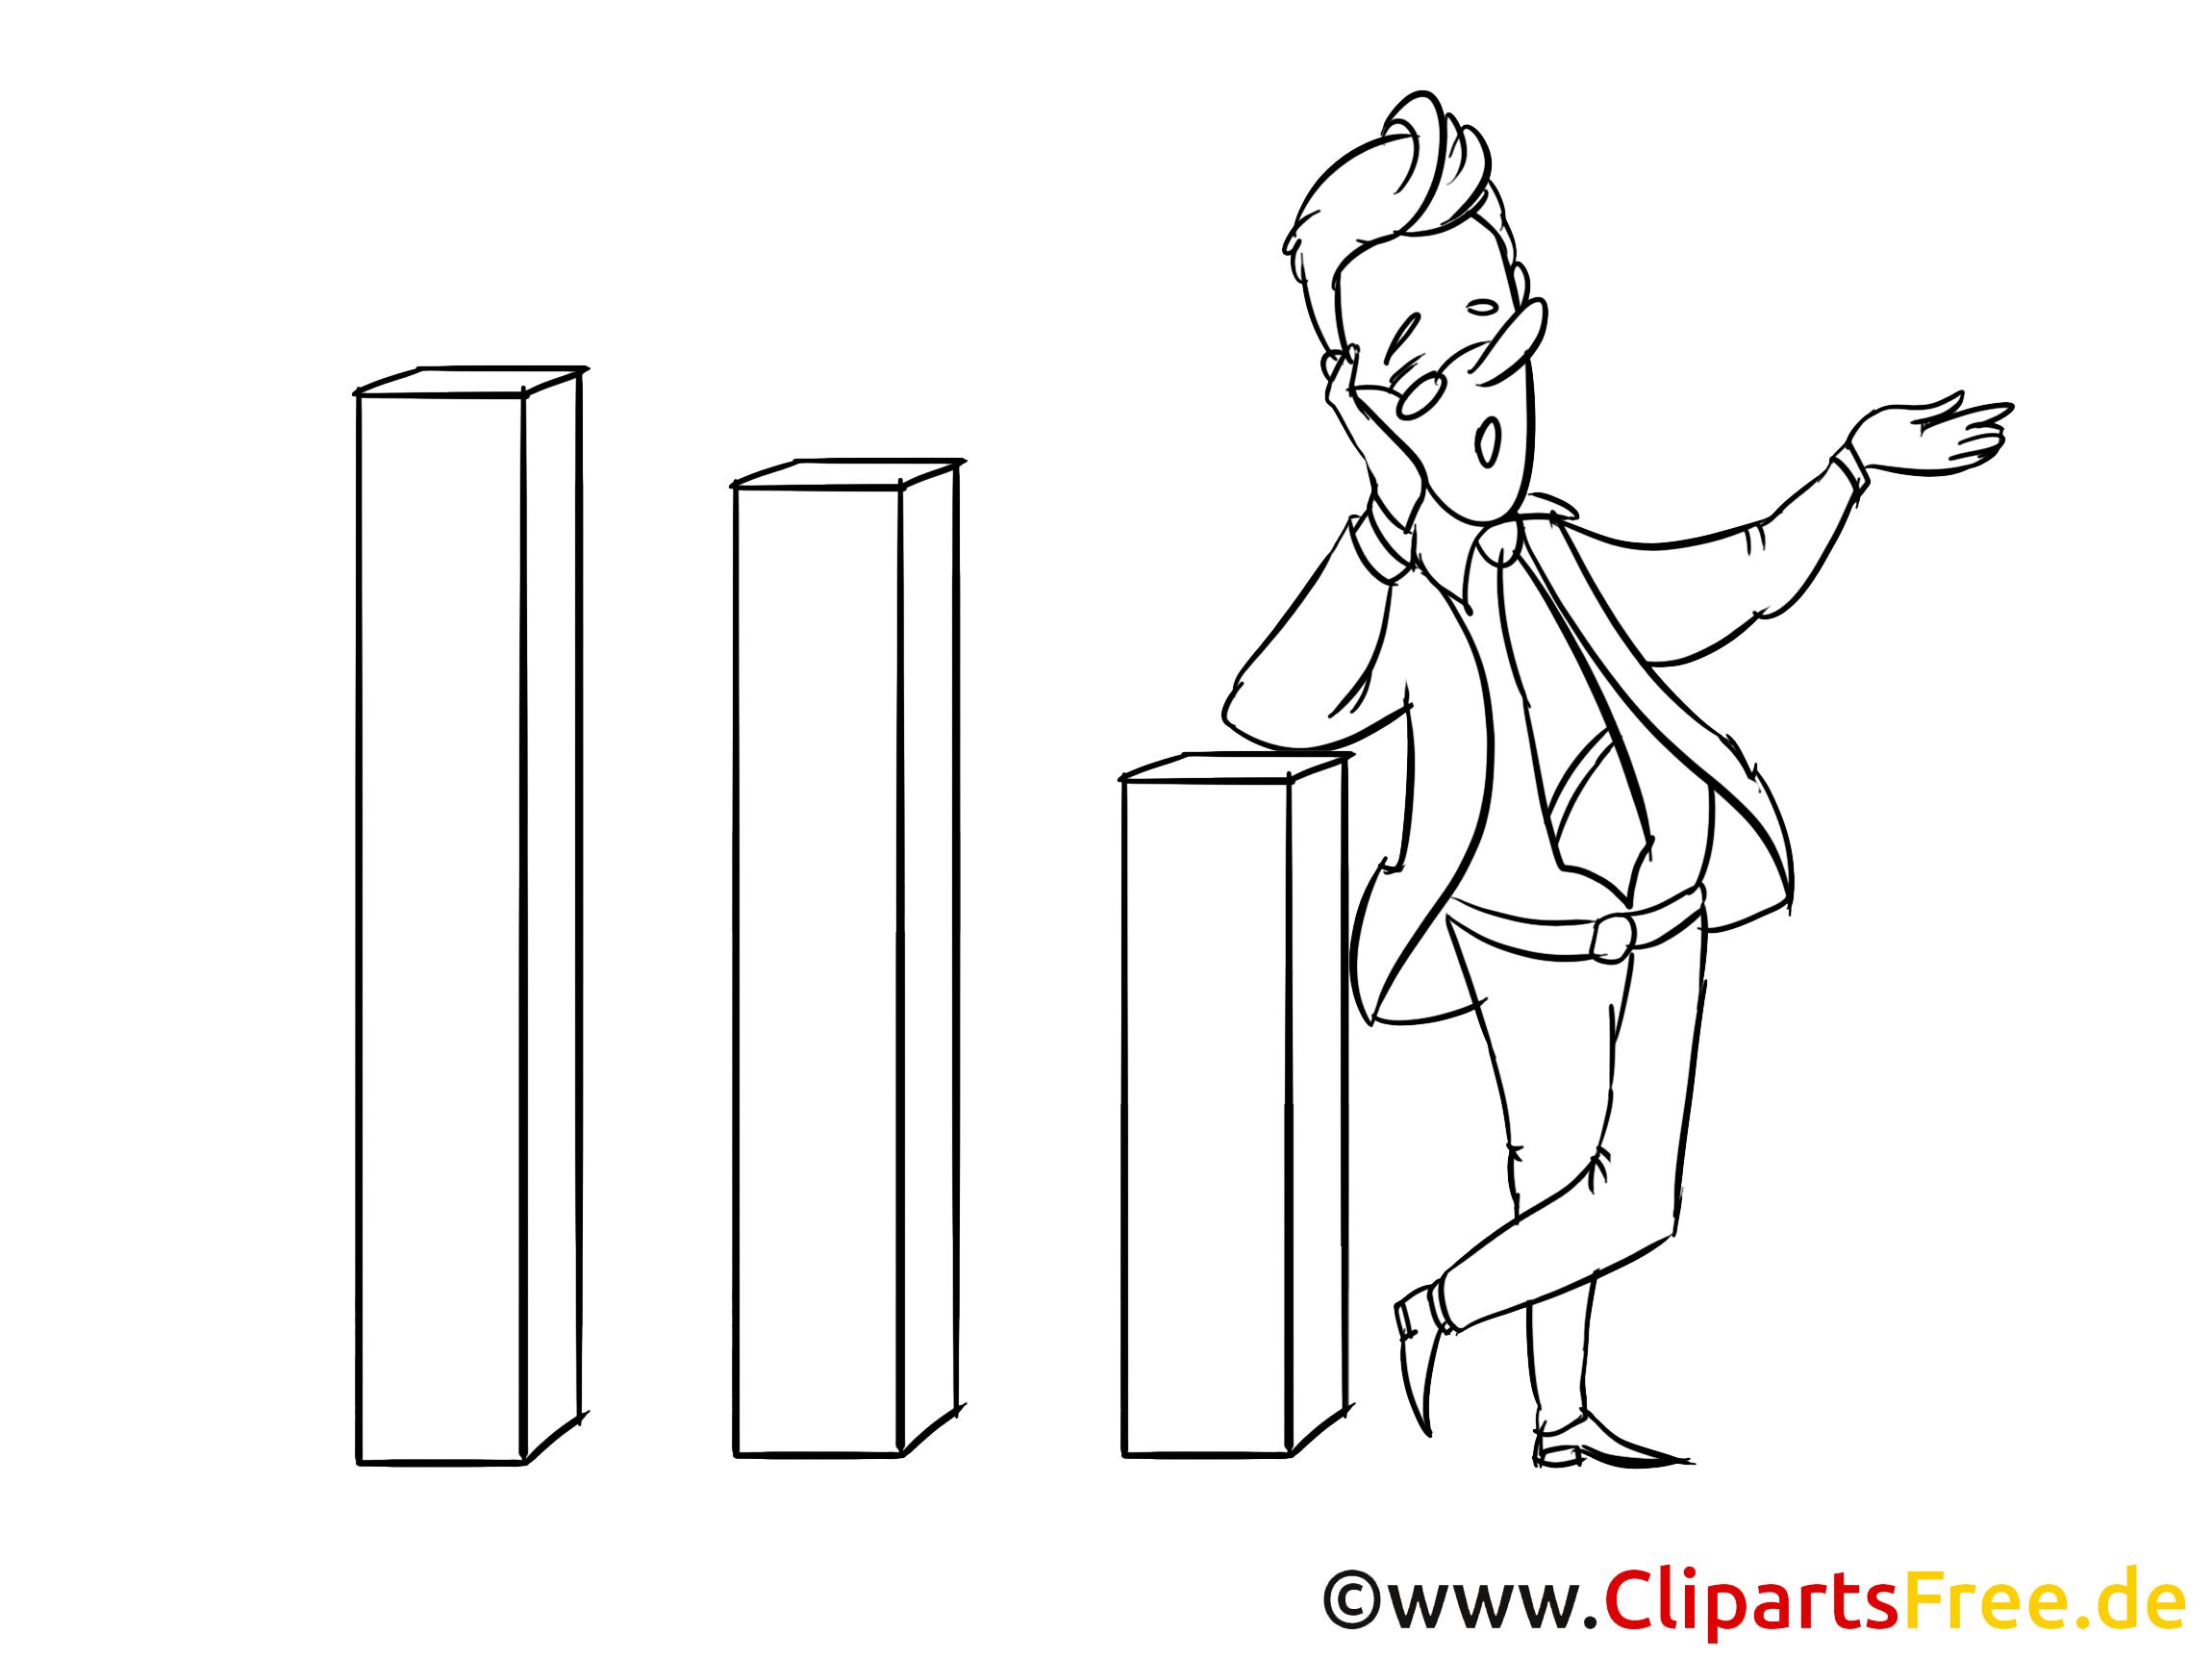 Business image à imprimer – Entreprise illustration